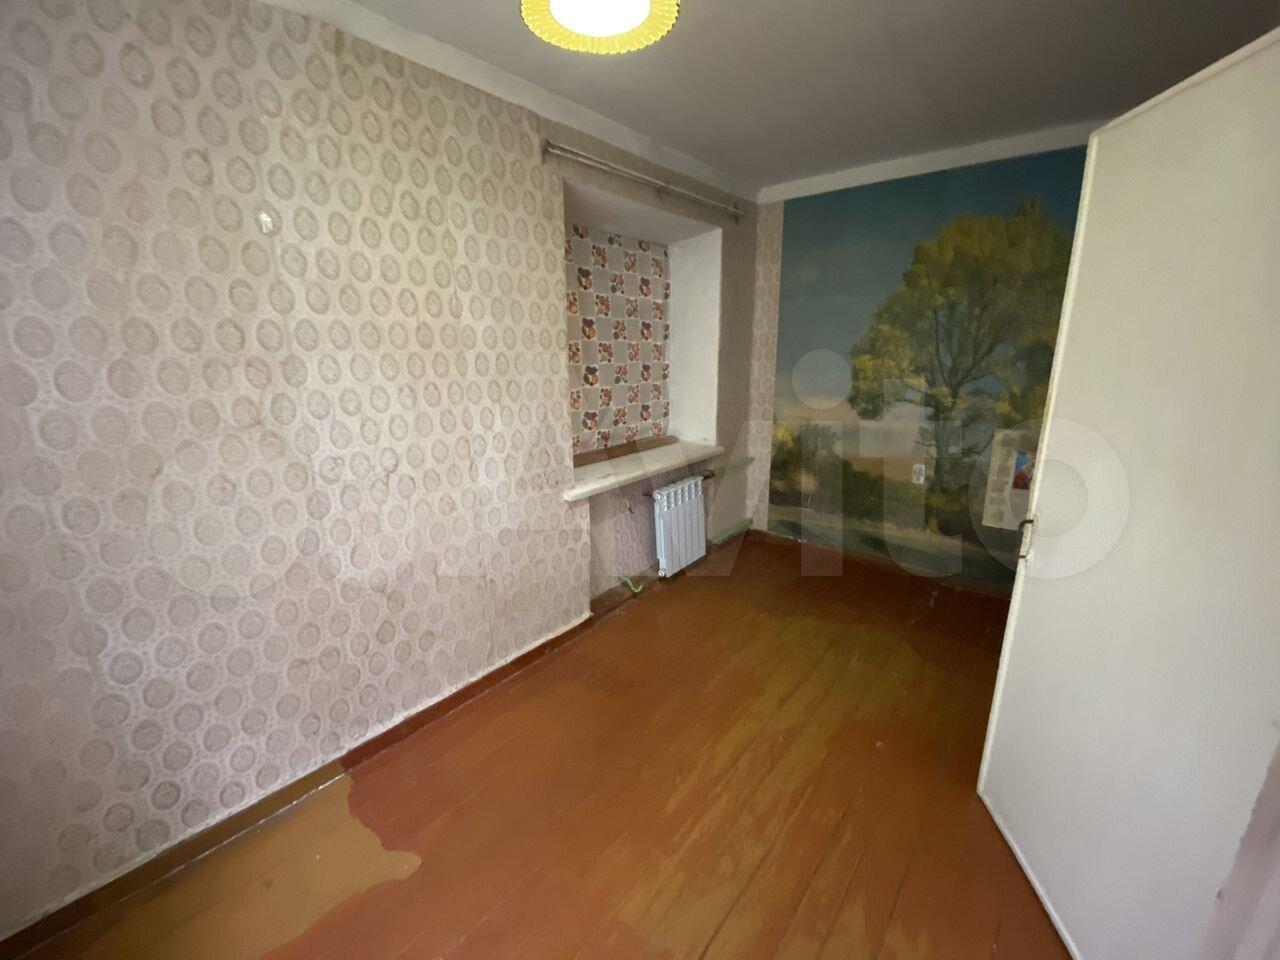 2-к квартира, 40.3 м², 1/2 эт.  89176119095 купить 4